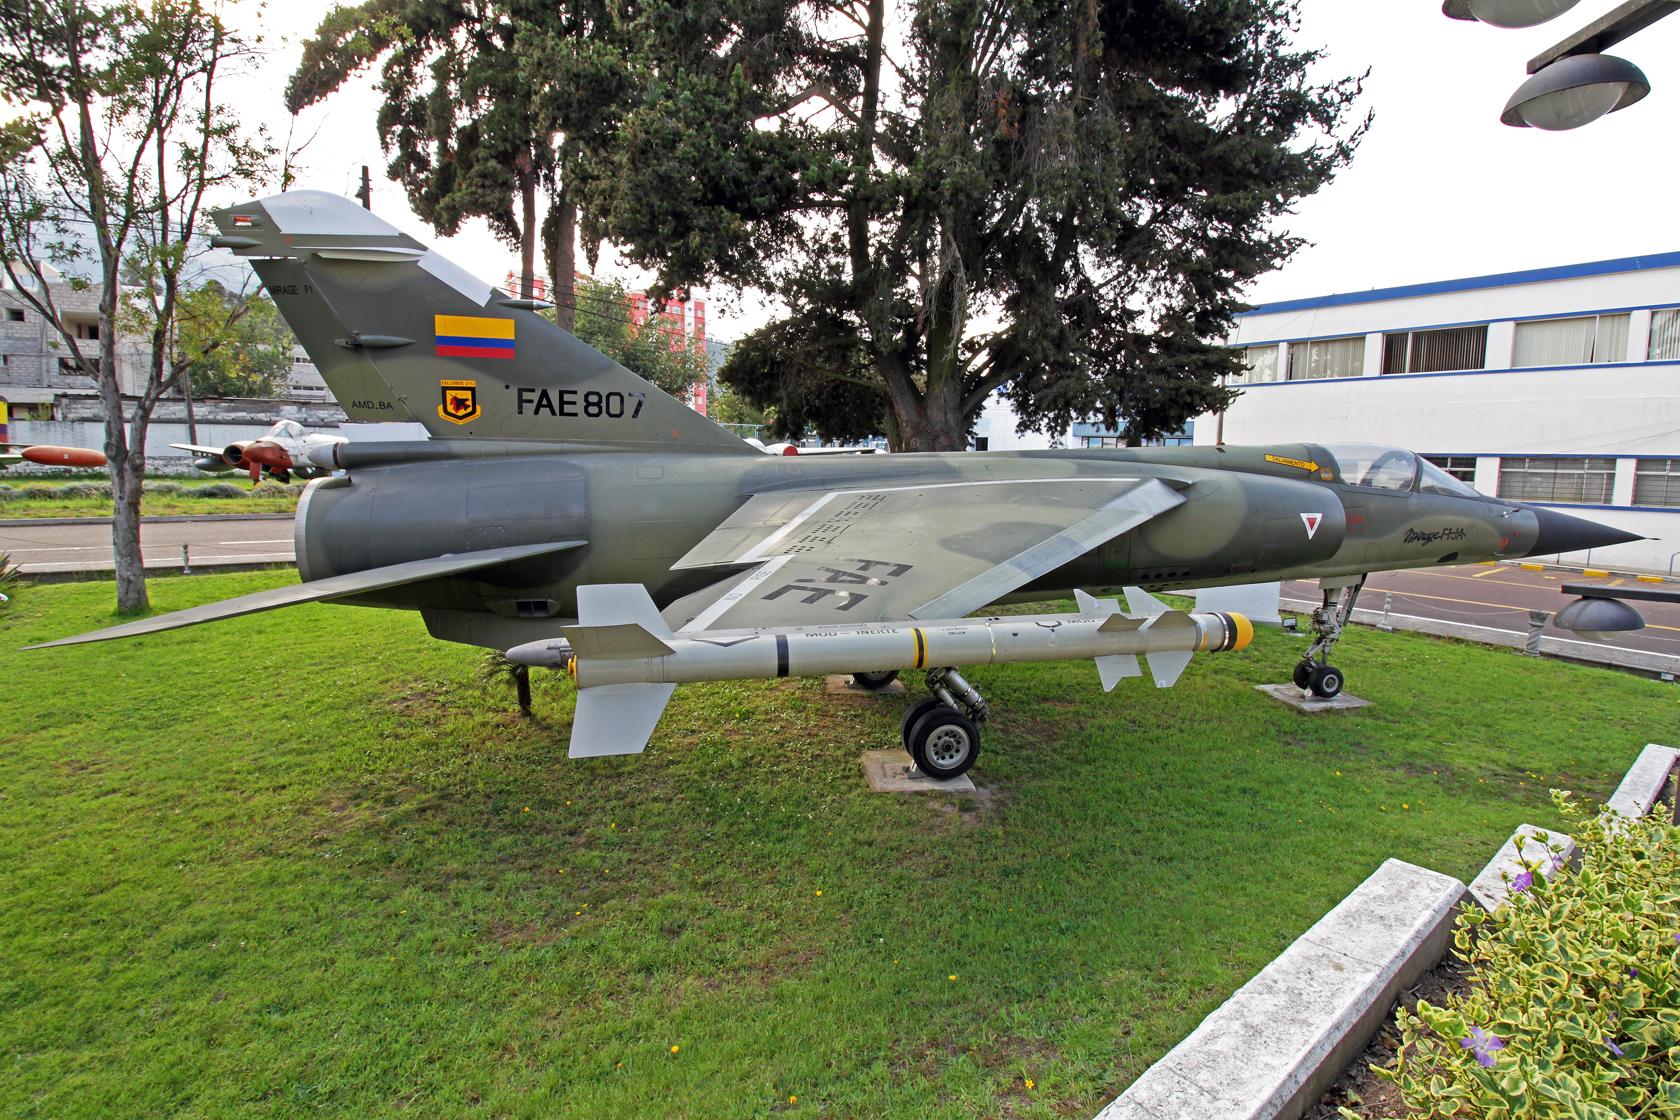 Fuerza Aérea Ecuatoriana Dassault Mirage F.1JA FAE-807 - 'FAE-807' war die zweite FAE Mirage F.1JA, die im Luftkampf gegen FAP Su-22 am 10 February 1995 teilgenommen hat.